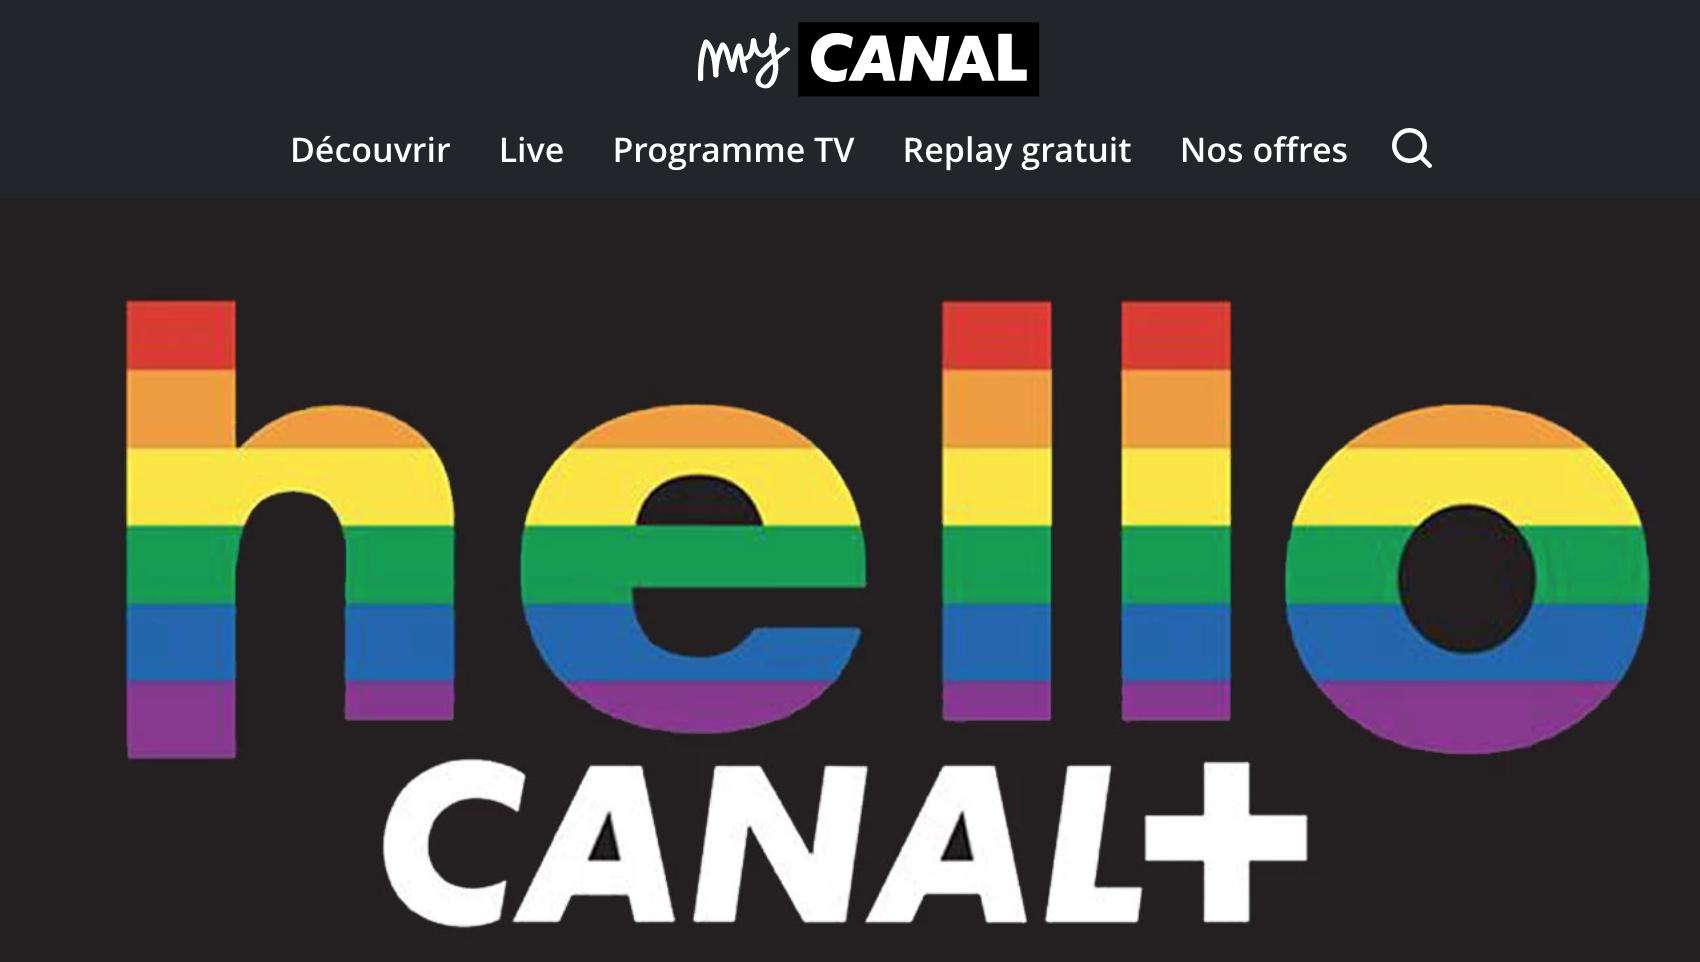 HELLO : la chaîne de la création LGBTQ+ disponible sur myCANAL